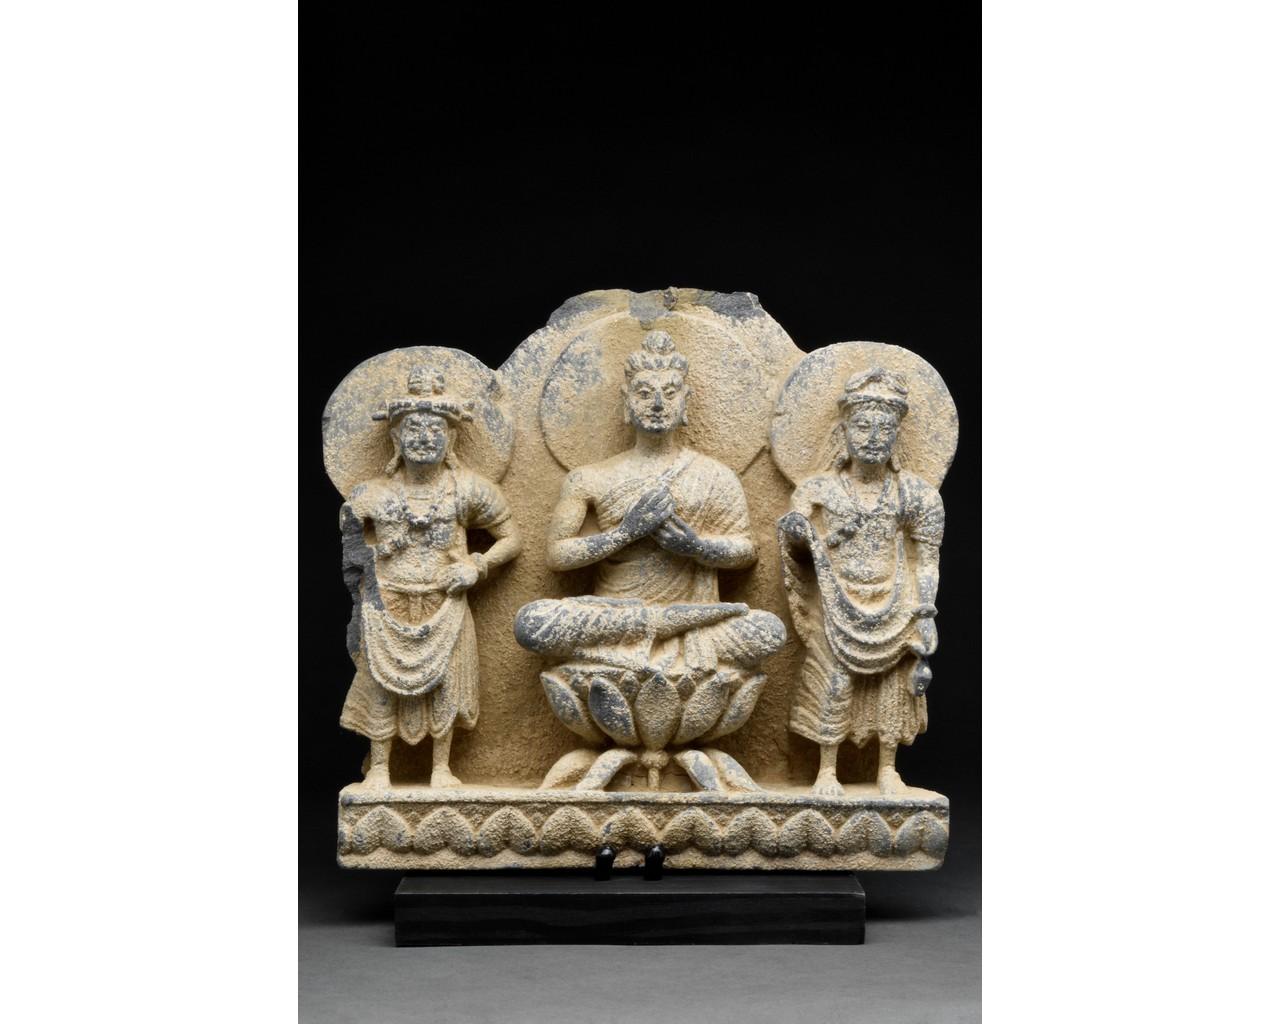 GANDHARA SCHIST STONE PANEL WITH THREE BUDDHAS